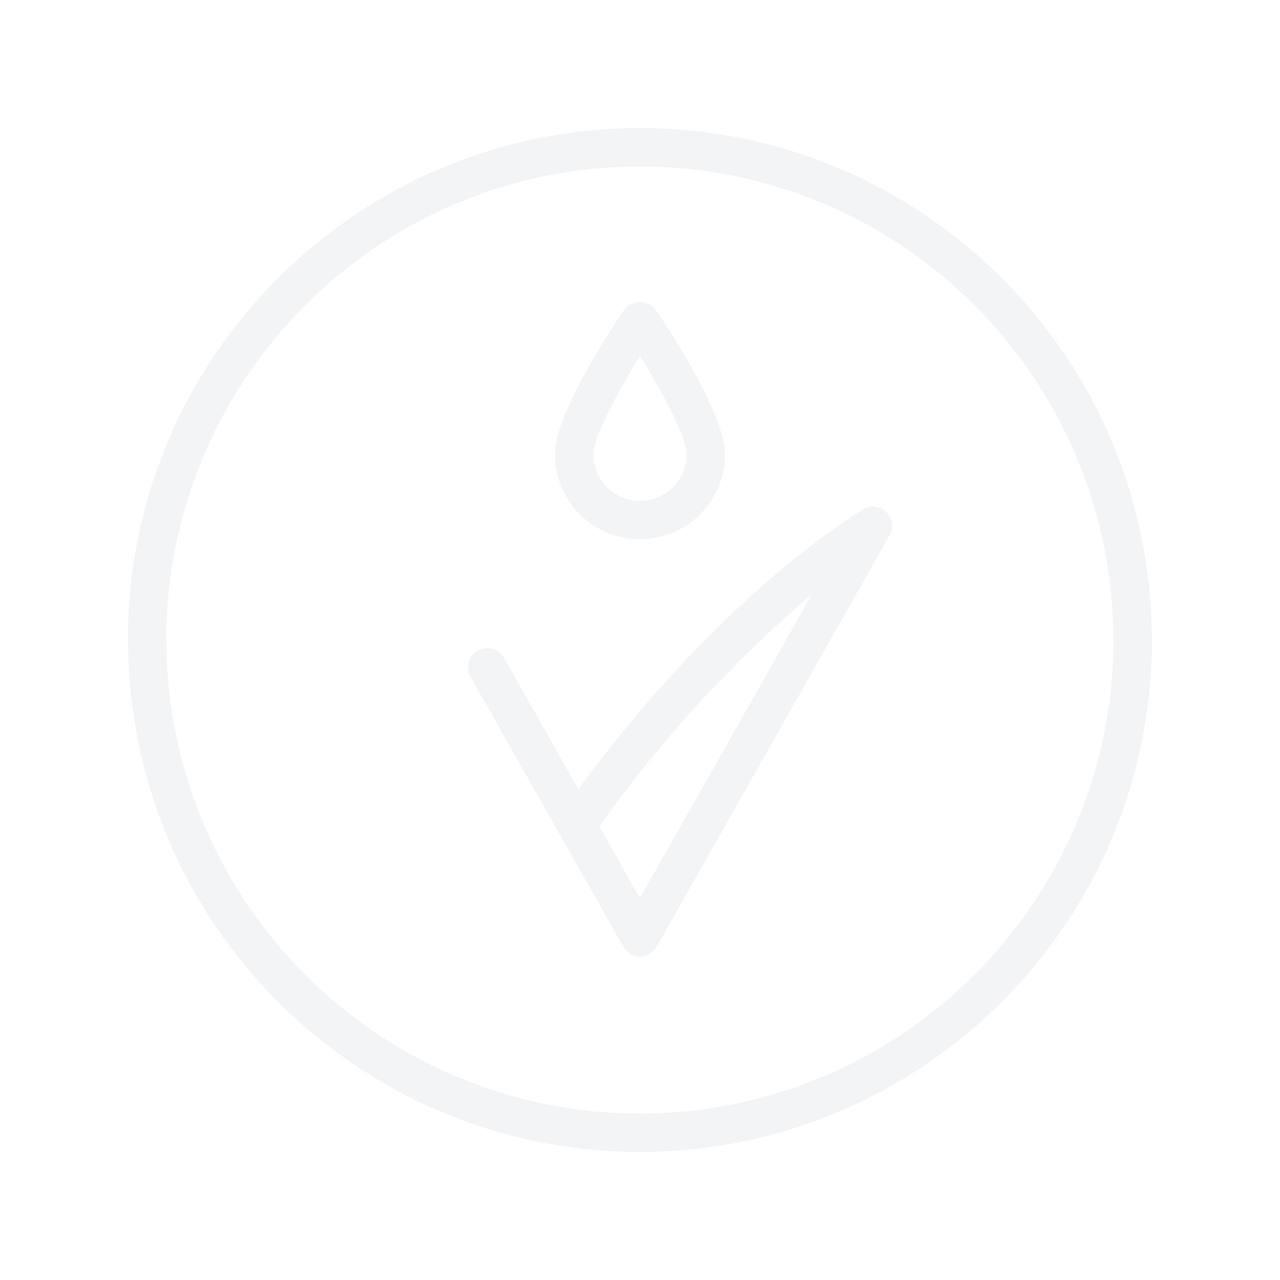 HOLIKA HOLIKA Daily Fresh Olive Cleansing Tissue 60pcs